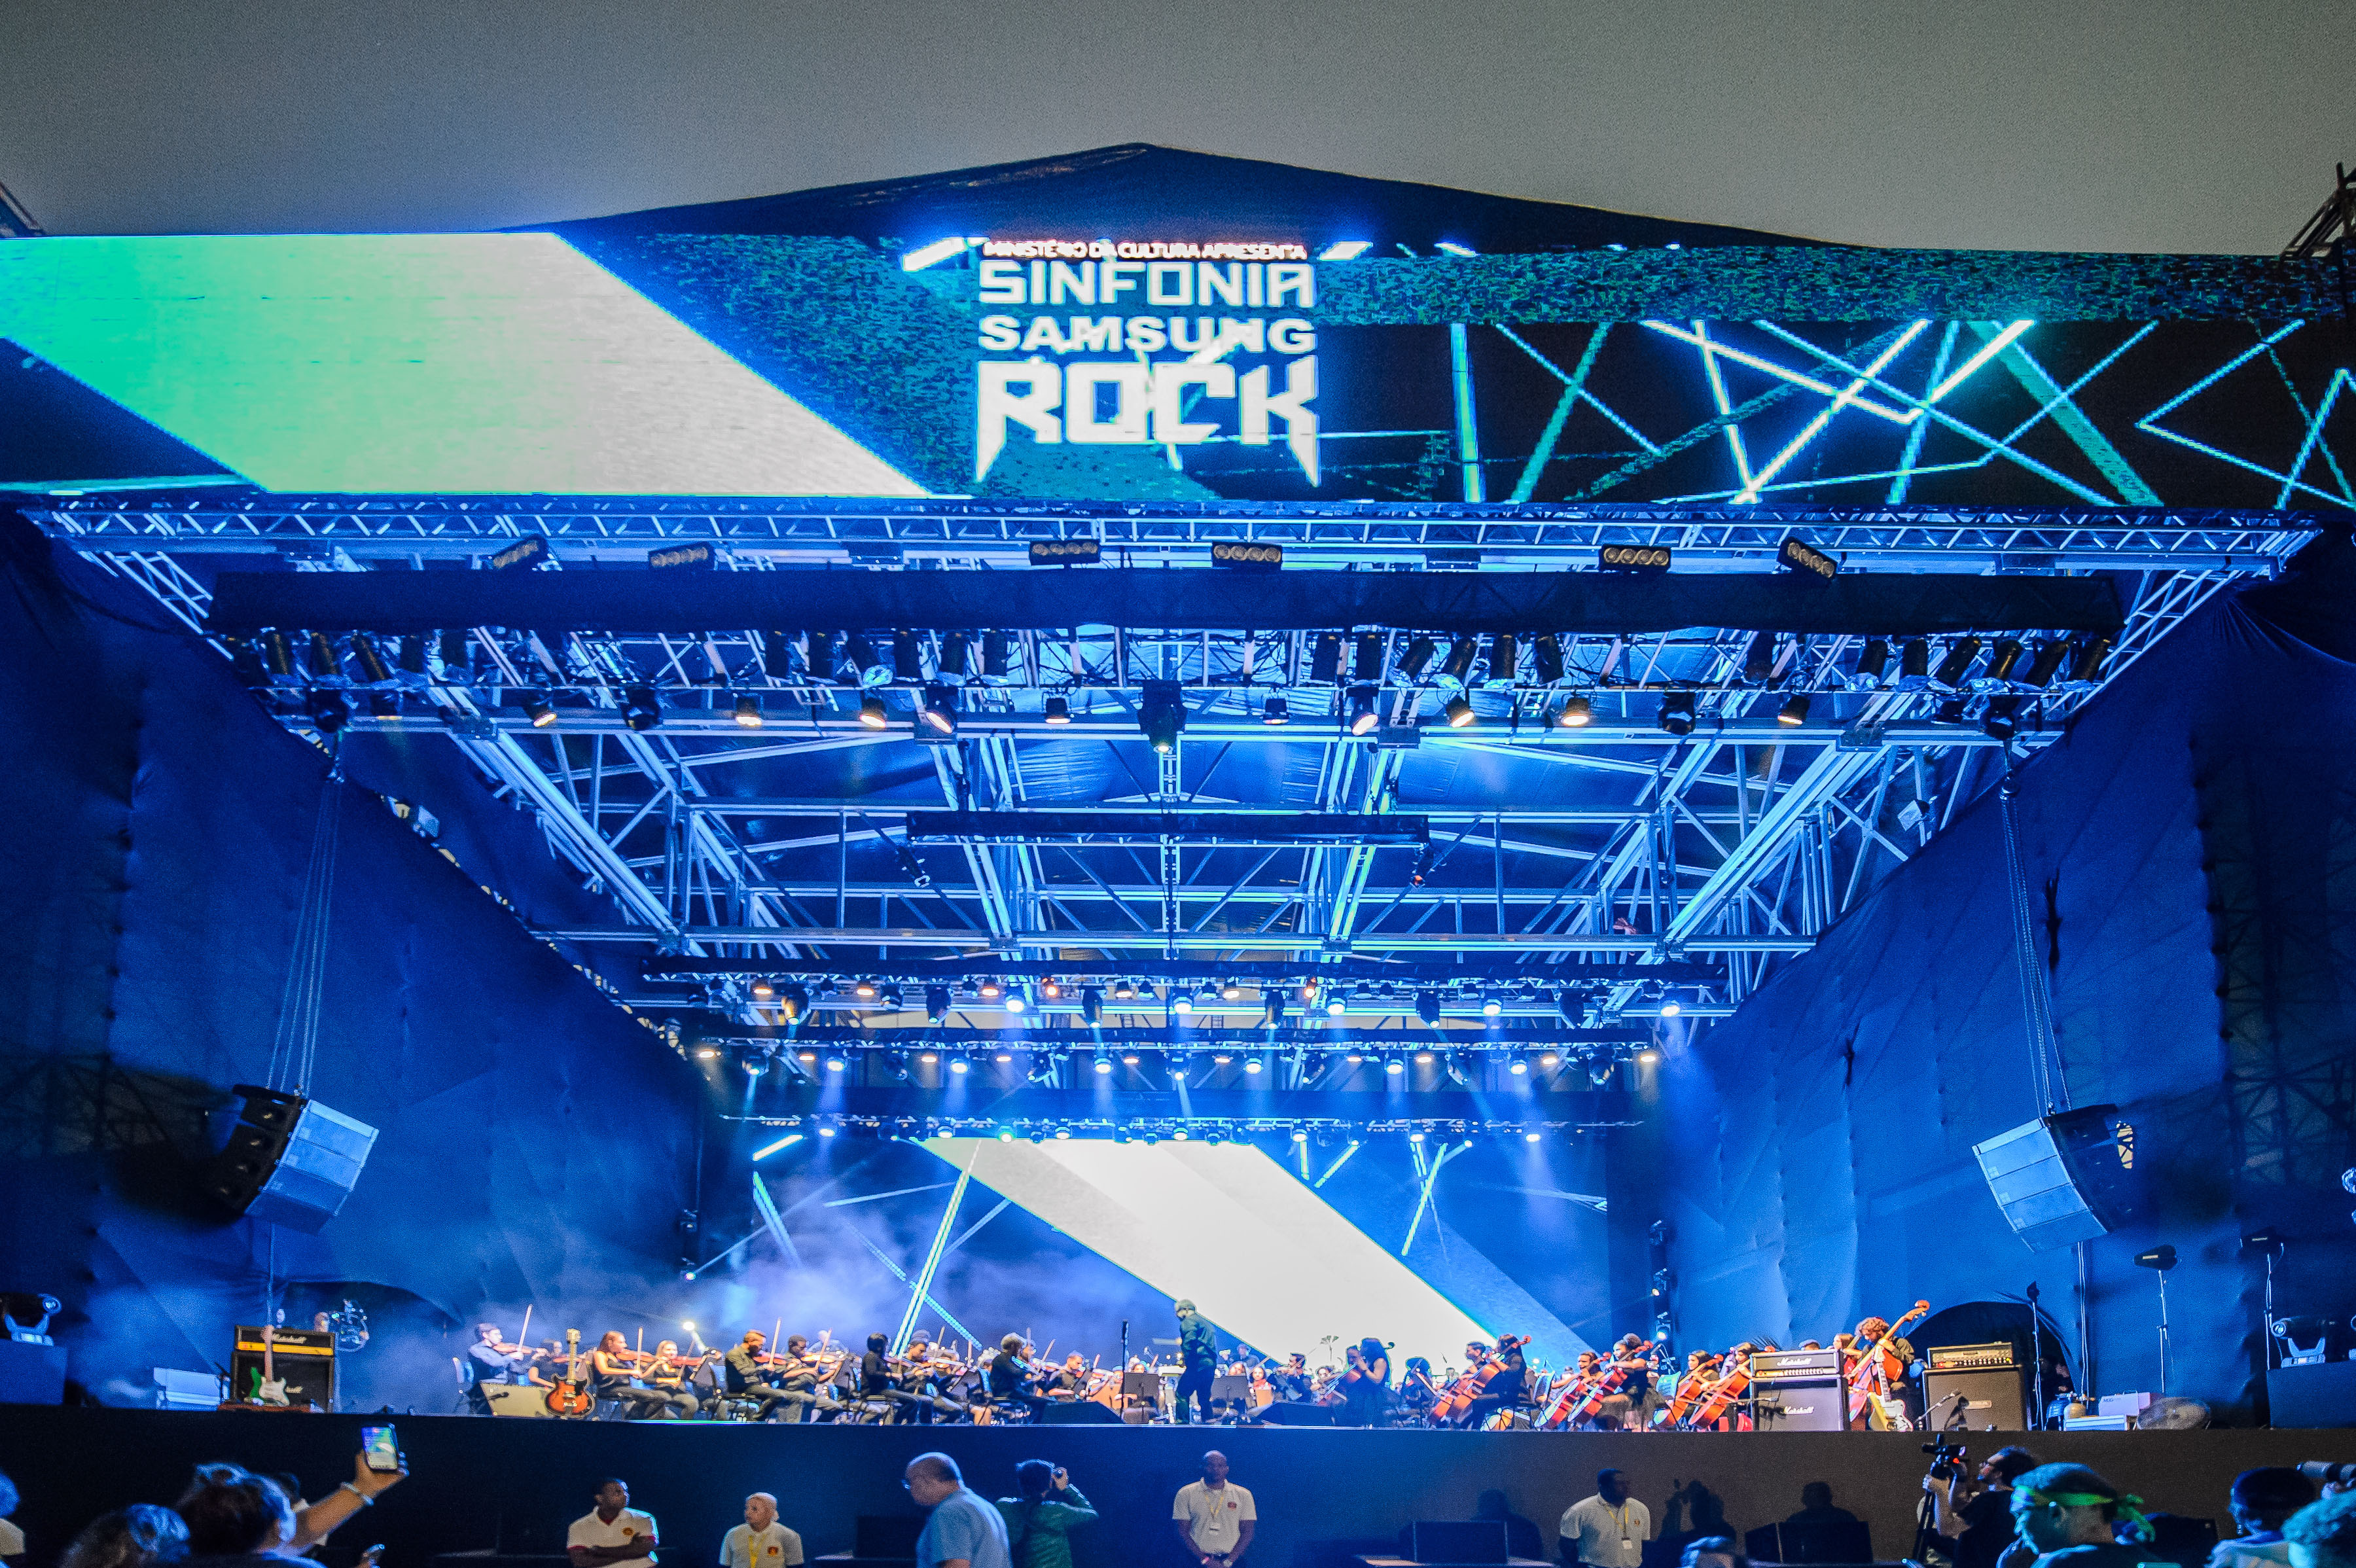 Sinfonia Samsung Rock - Crédito Divulgação (2)